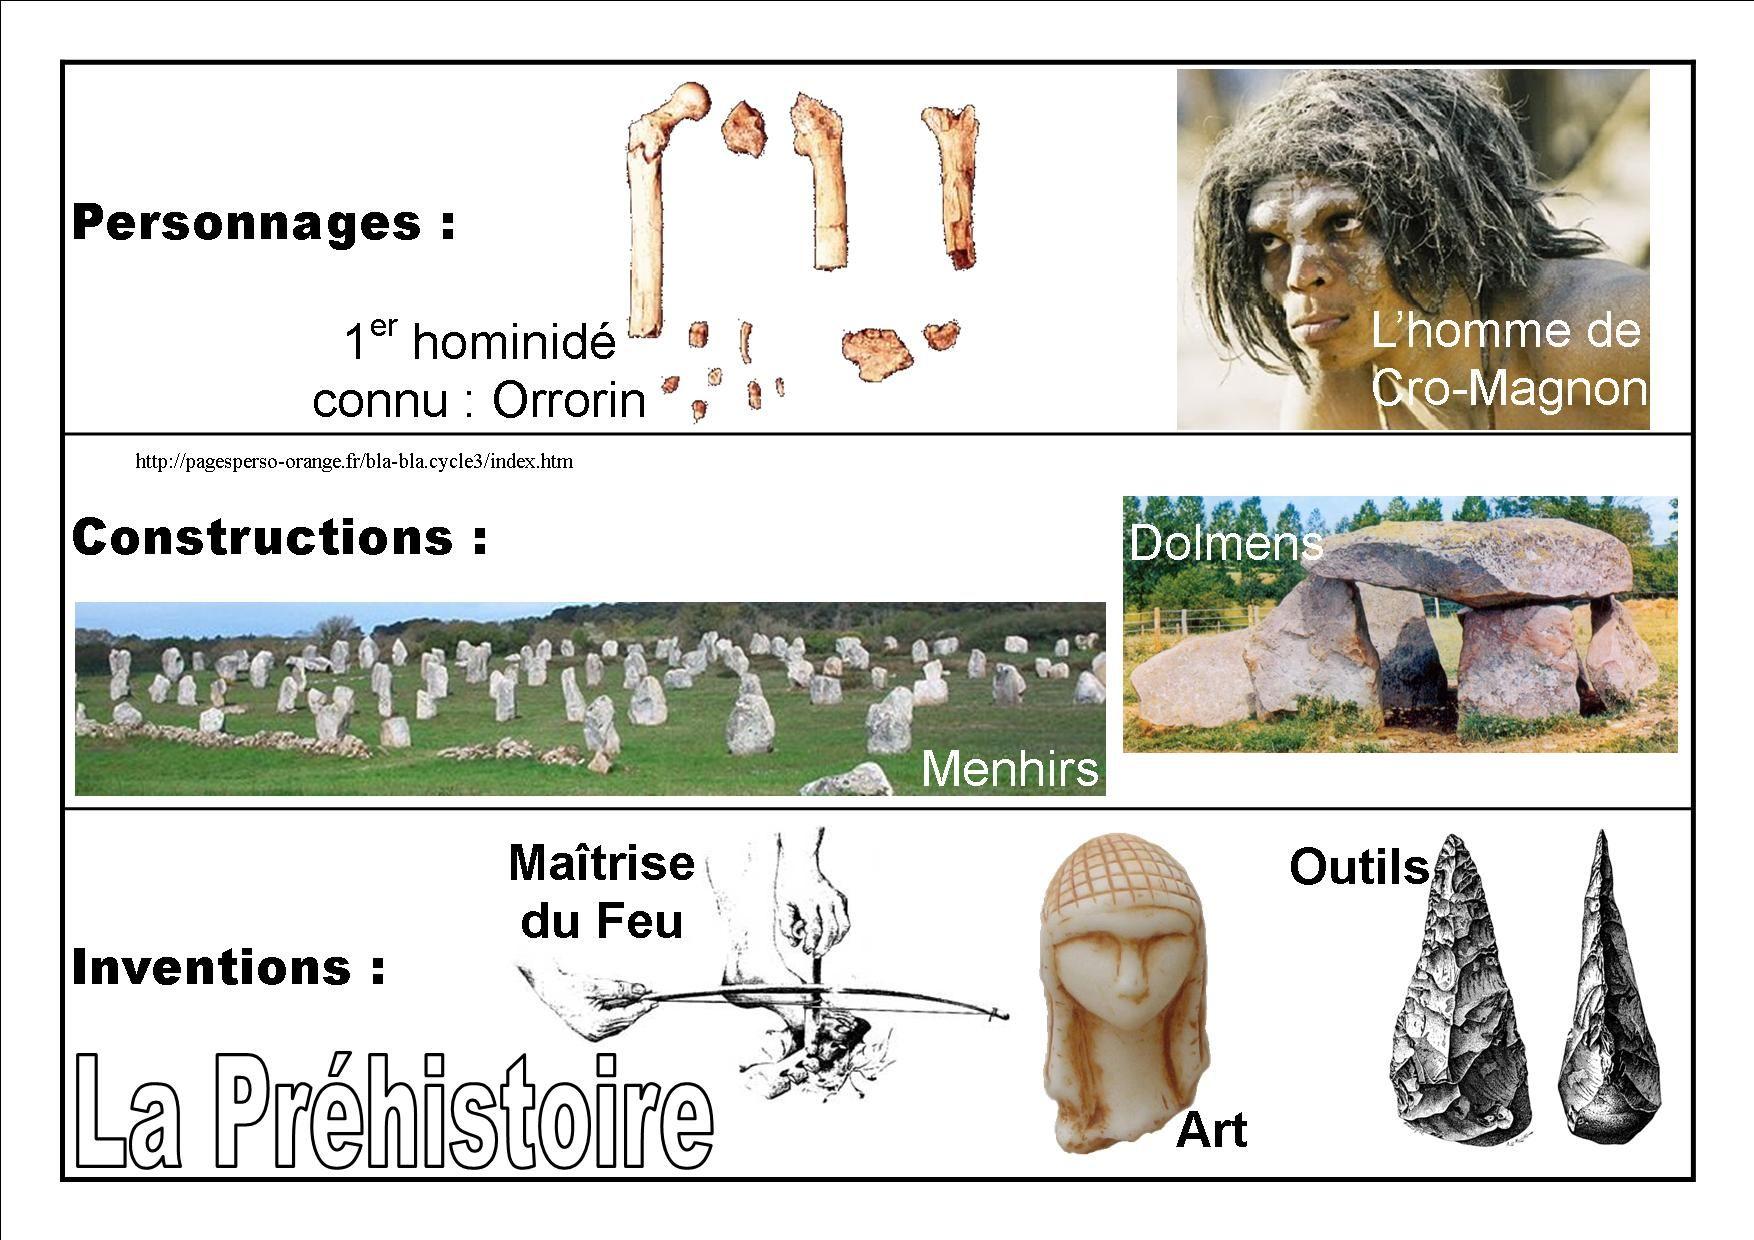 Extrêmement frise chronologique   histoire   Pinterest   Frise chronologique  KK13